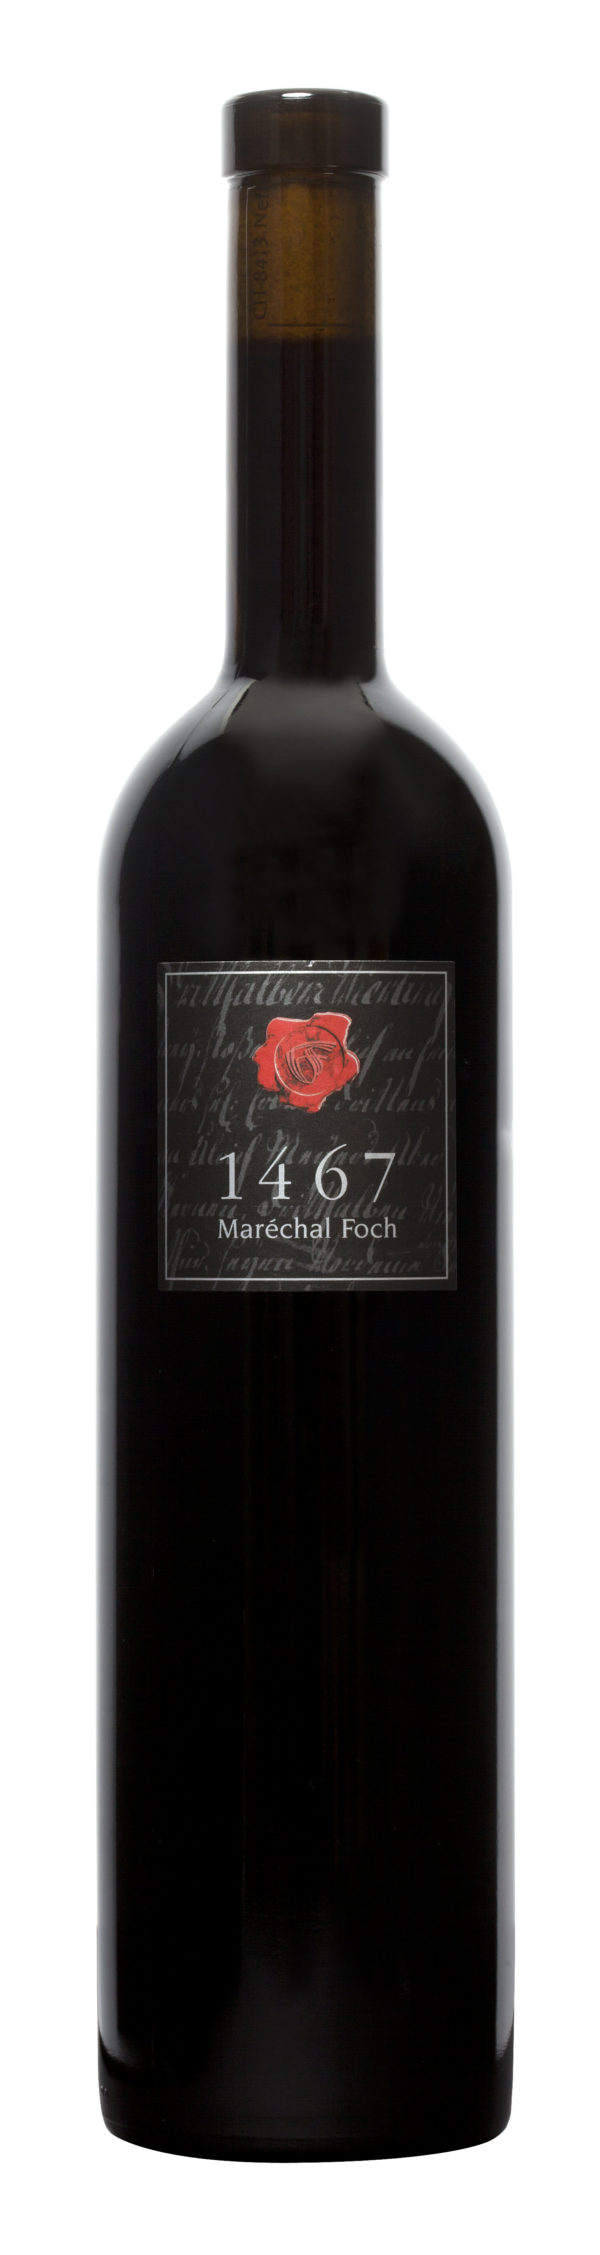 Schweizer Rotwein: 1467, Maréchal Foch